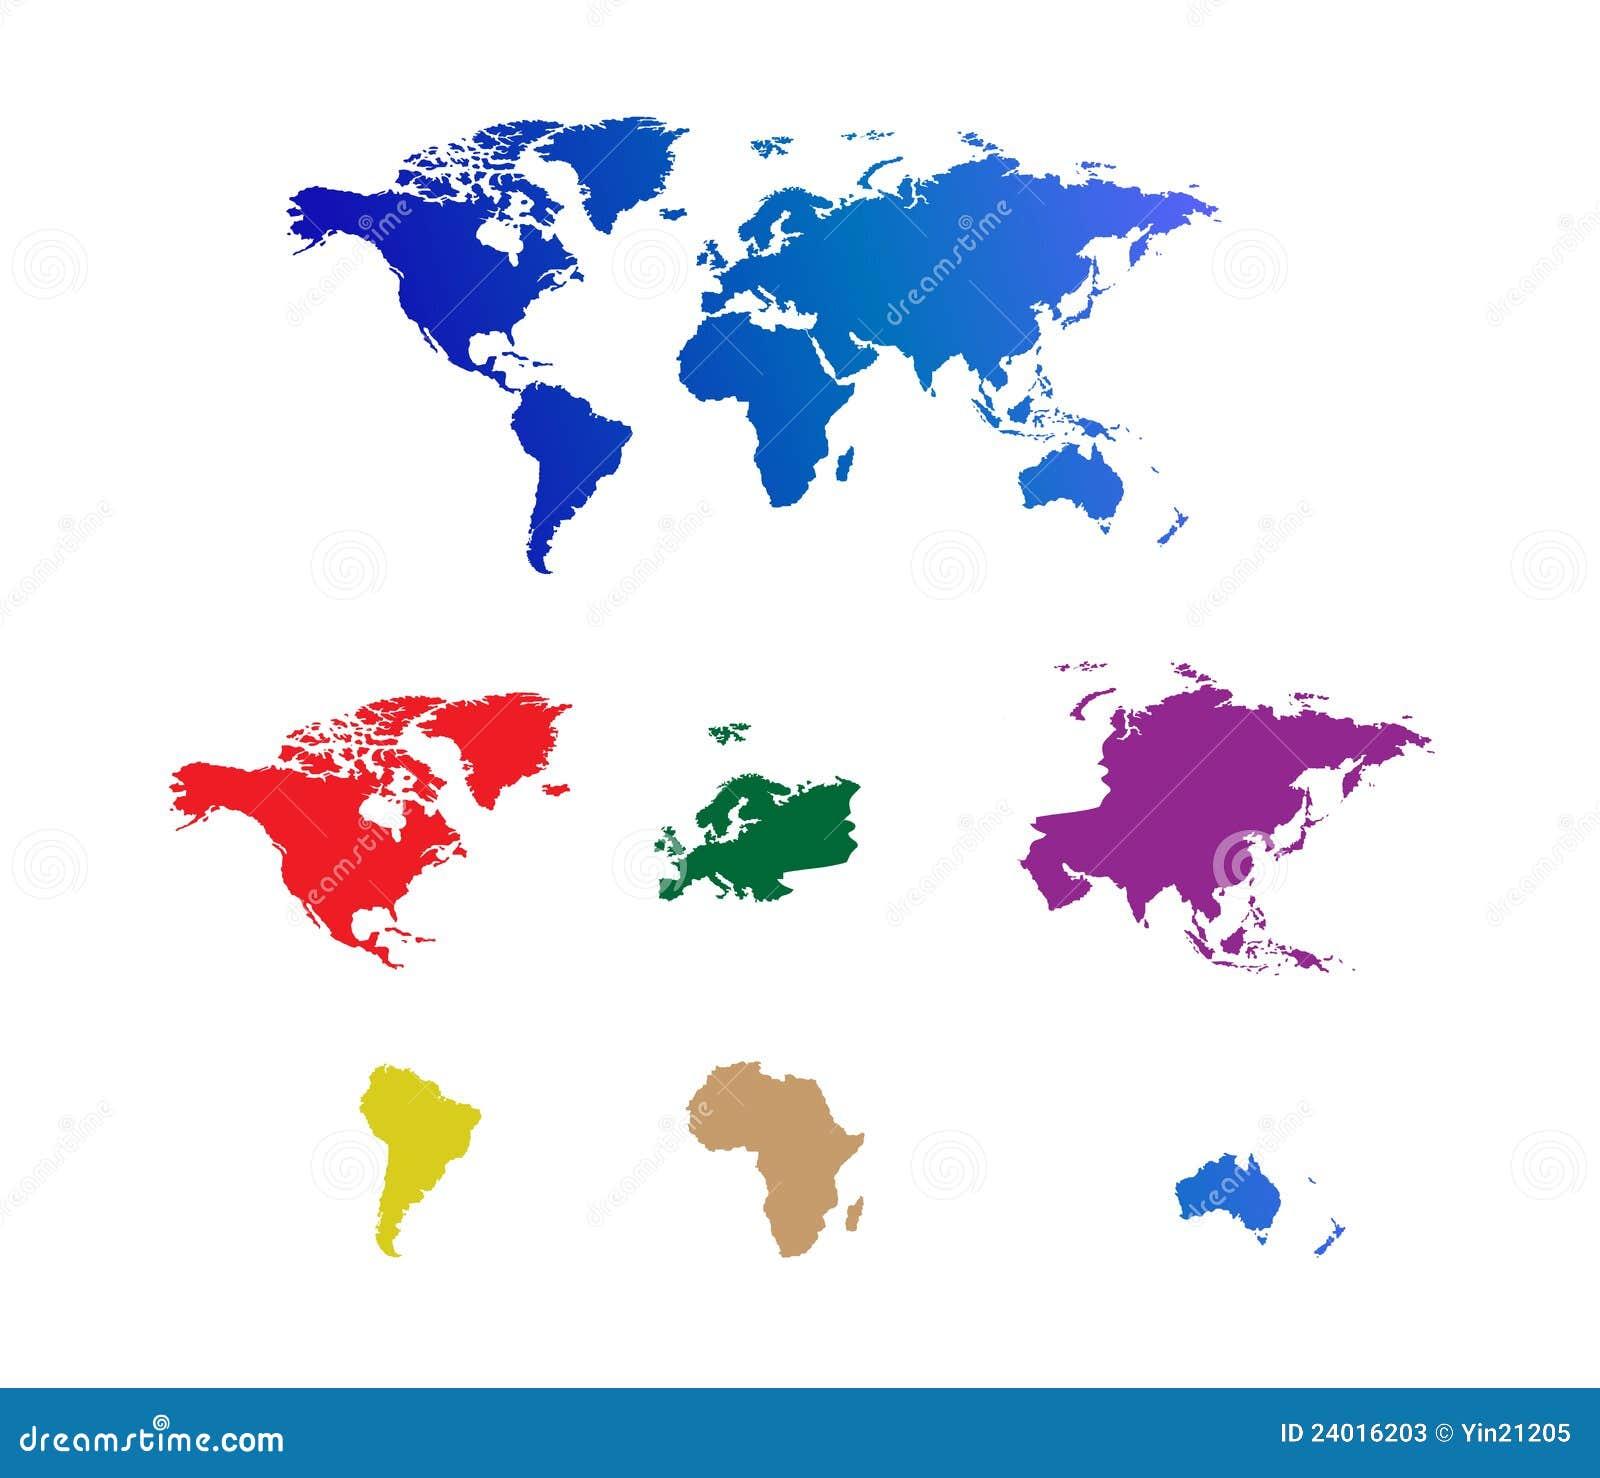 De gescheiden continenten van de wereld kaart stock illustratie afbeelding 24016203 - Basket thuis van de wereld ...